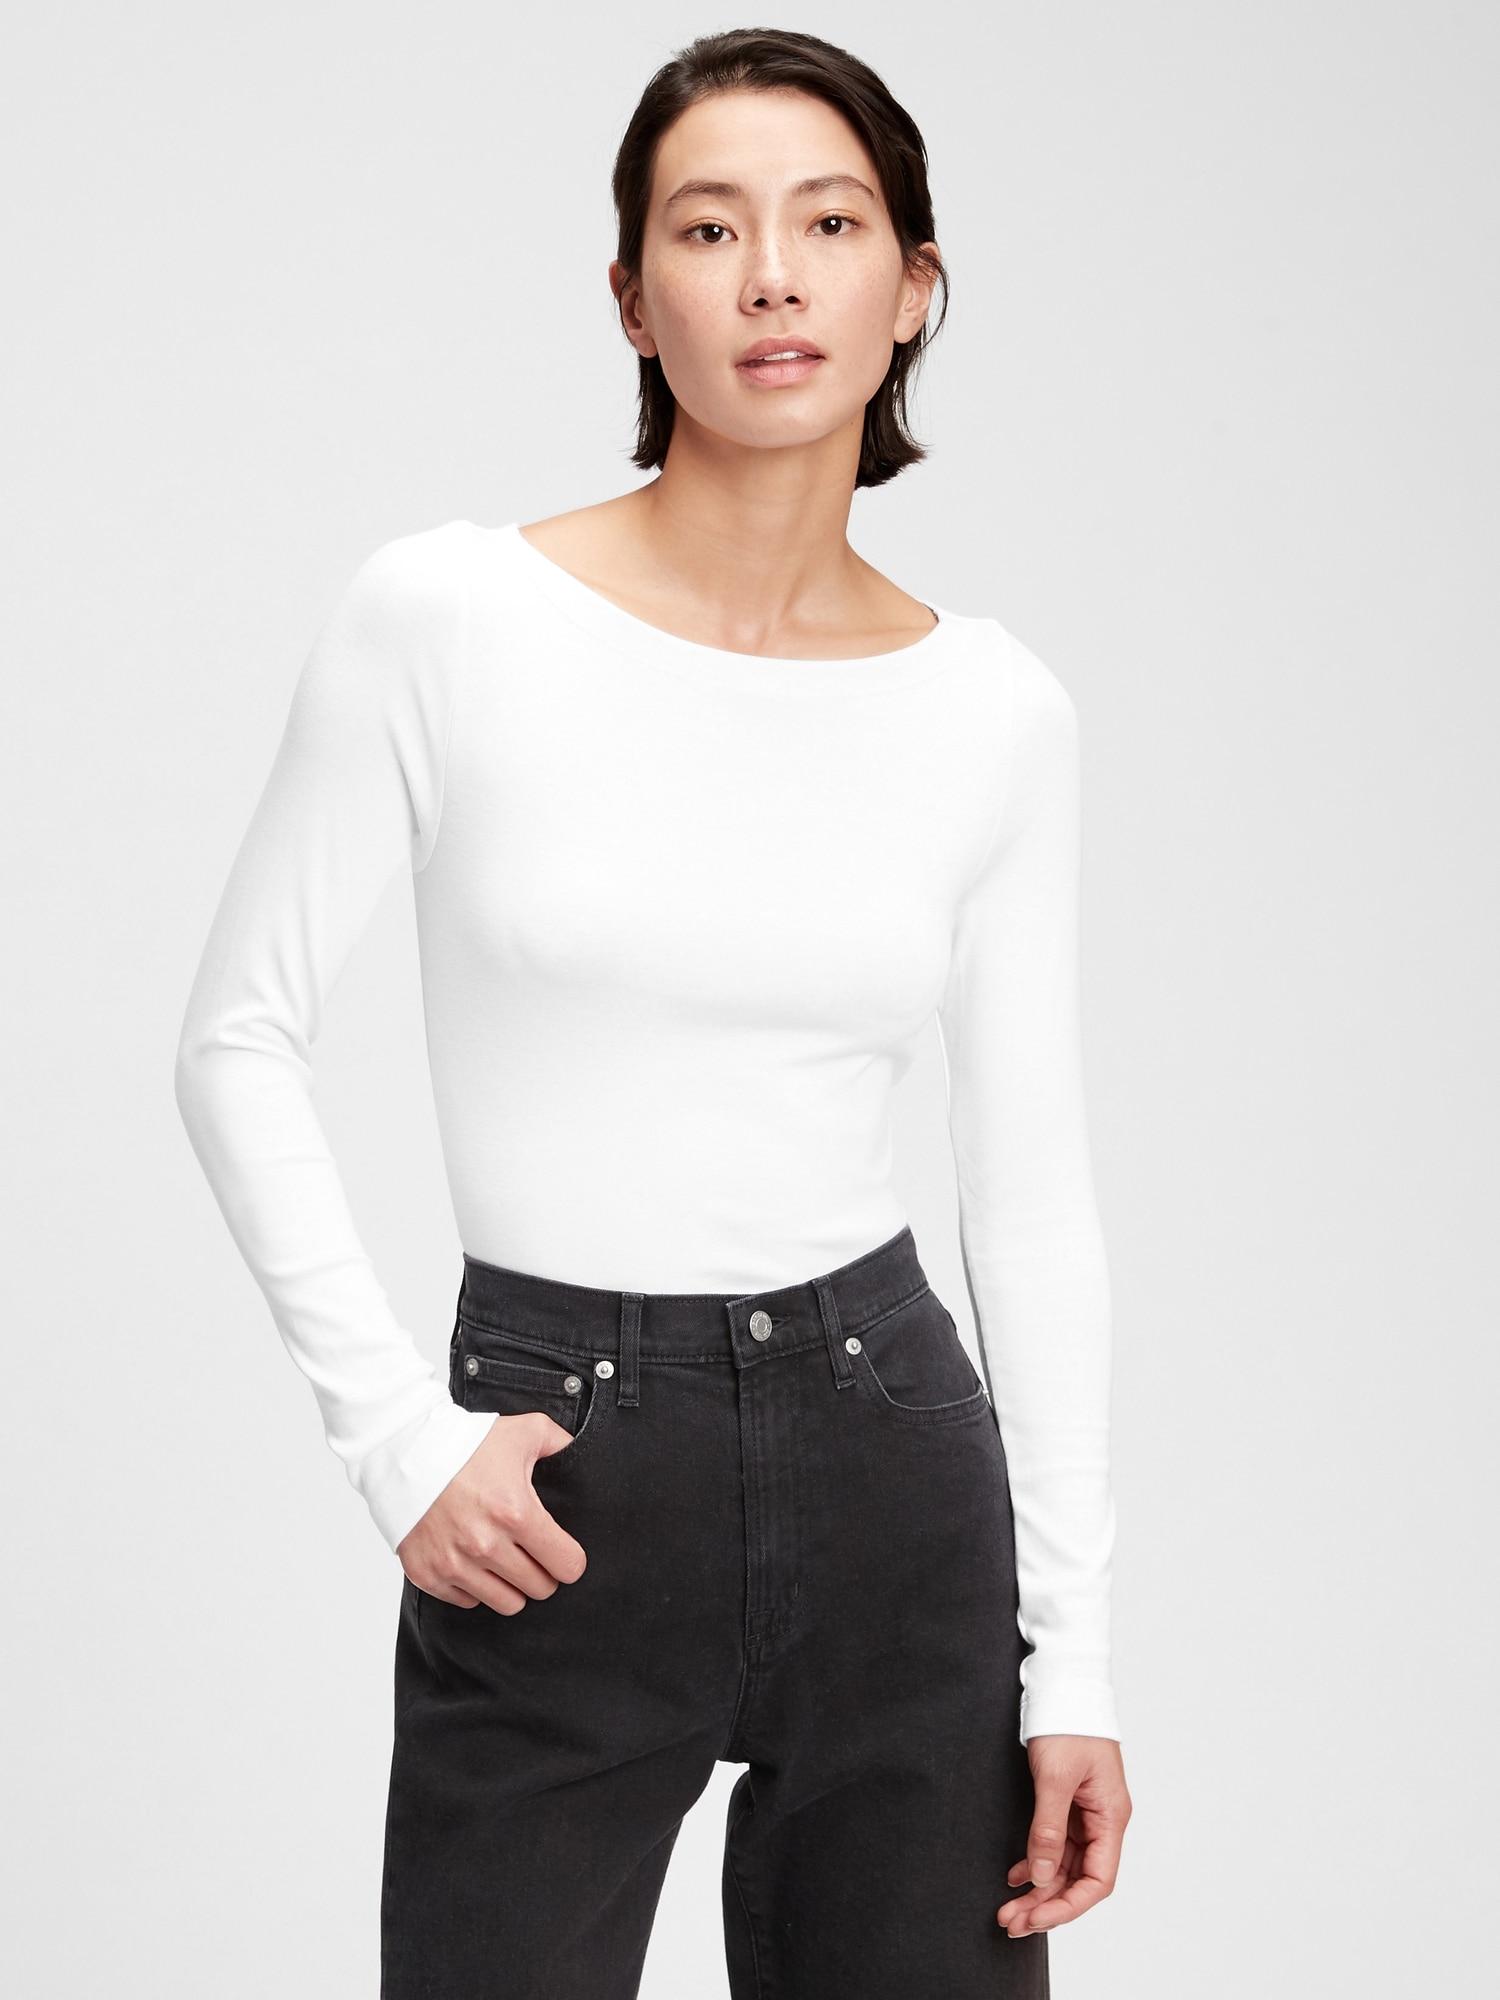 モダン ボートネックtシャツ